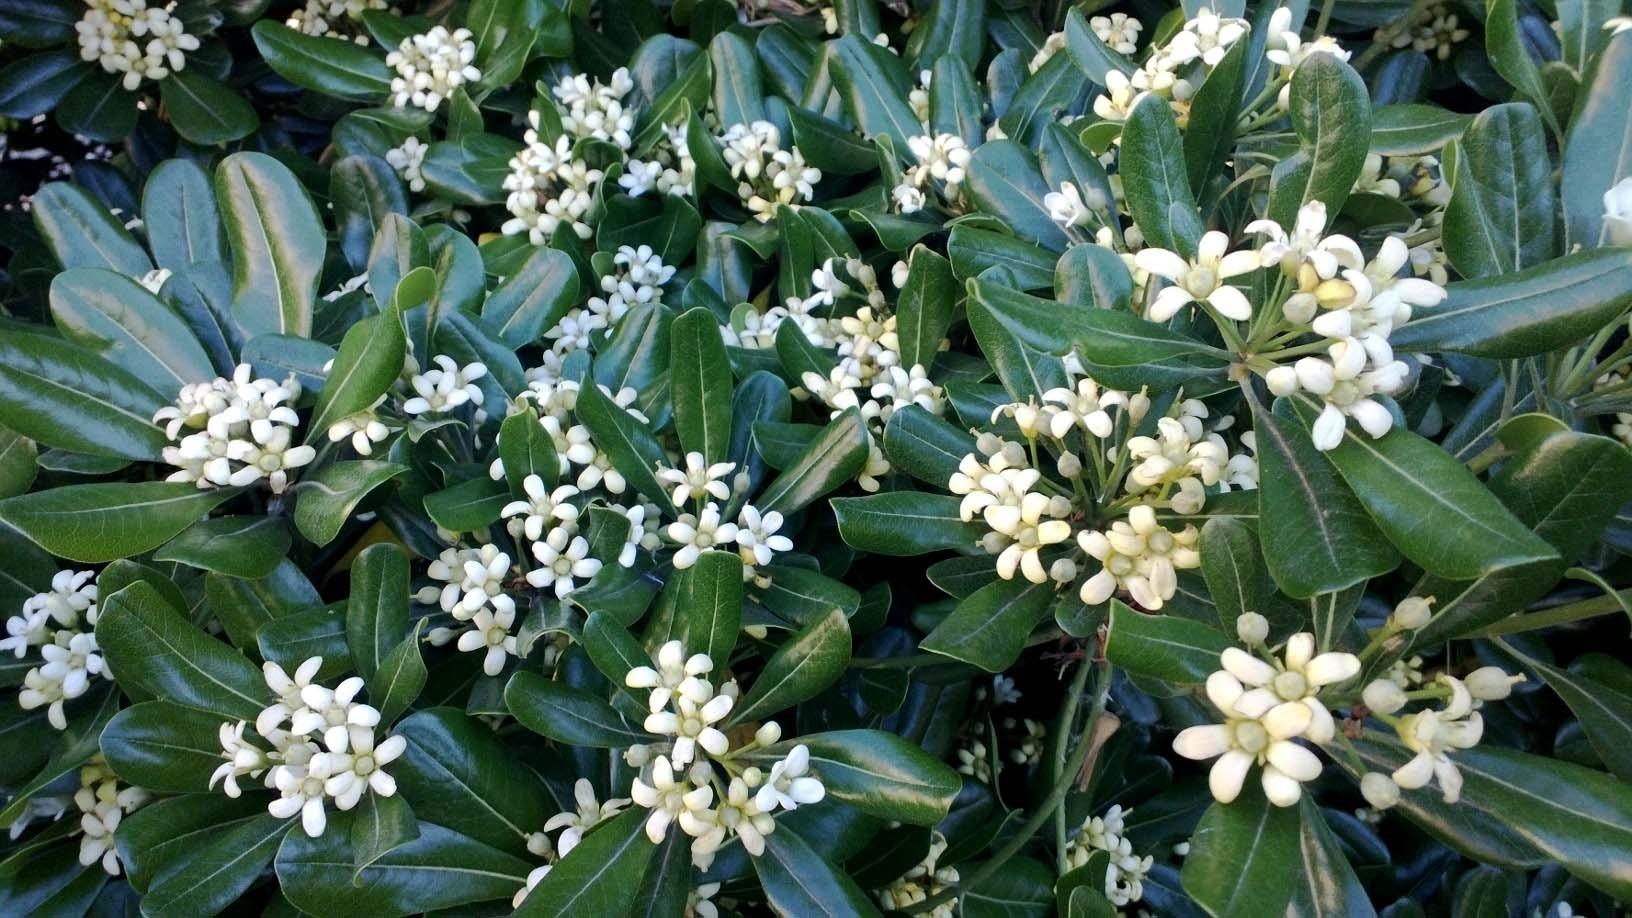 Piante Da Siepi Immagini pitosforo - piante da giardino - pitosforo pianta